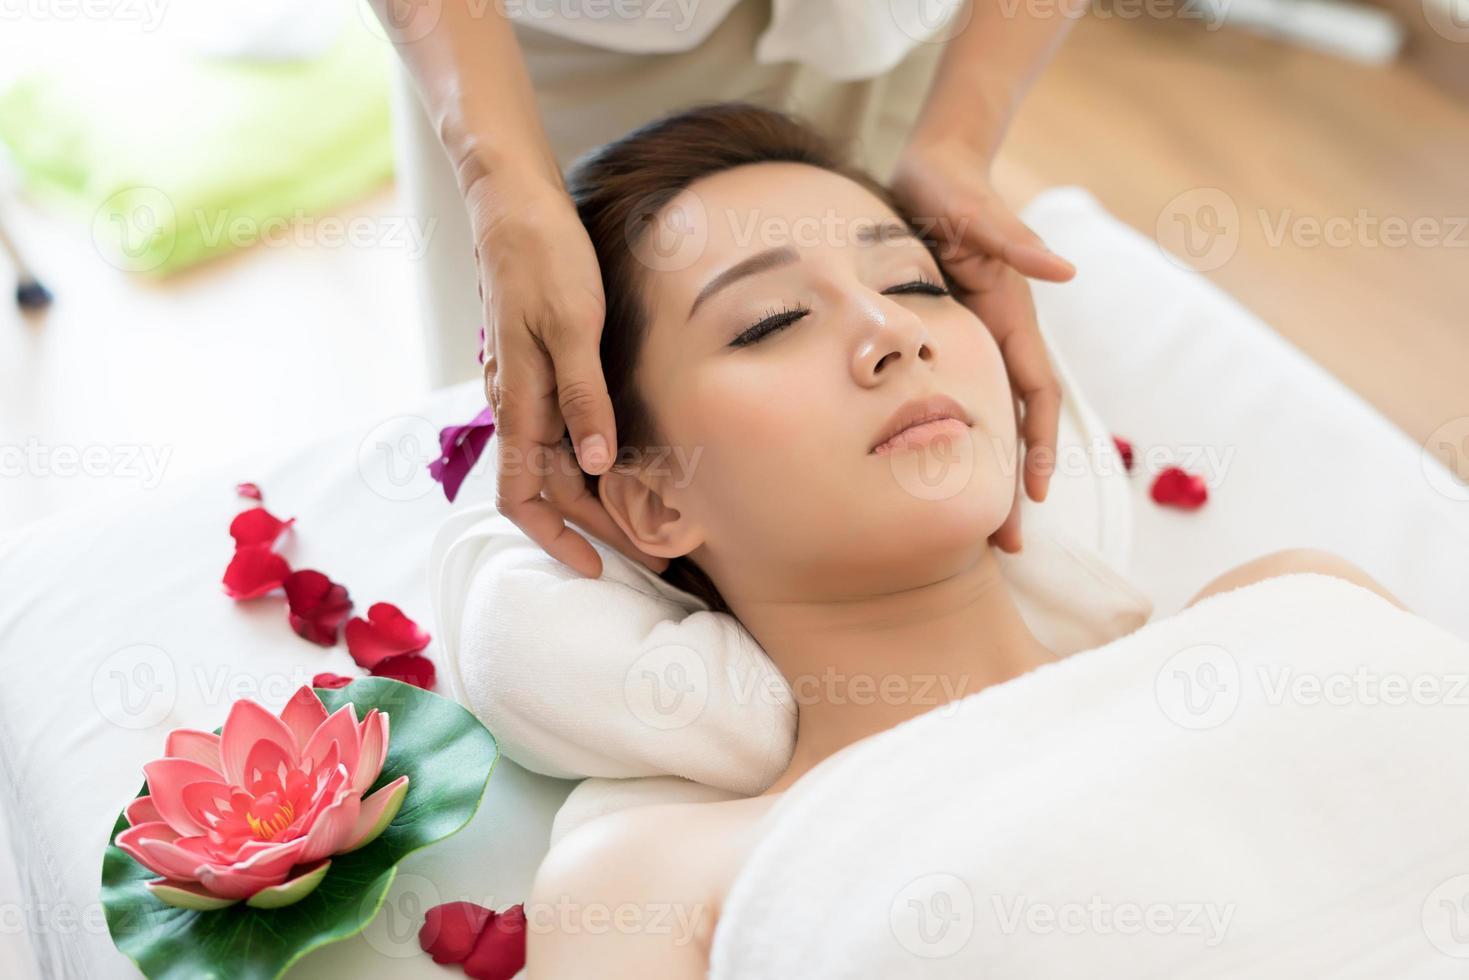 terapia de masaje tradicional oriental y tratamientos de belleza foto